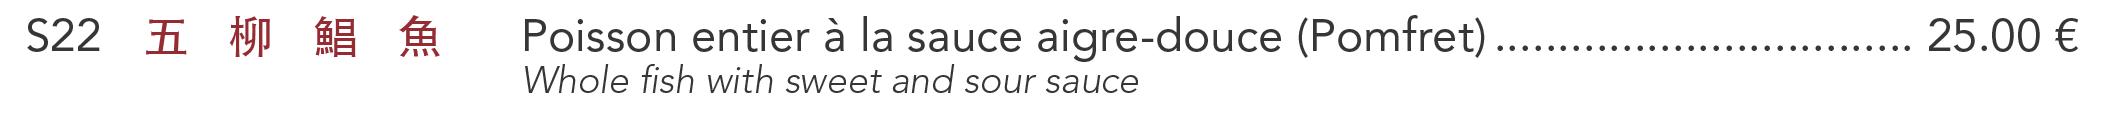 S22 - Poisson entier à la sauce aigre-douce (Pomfret)